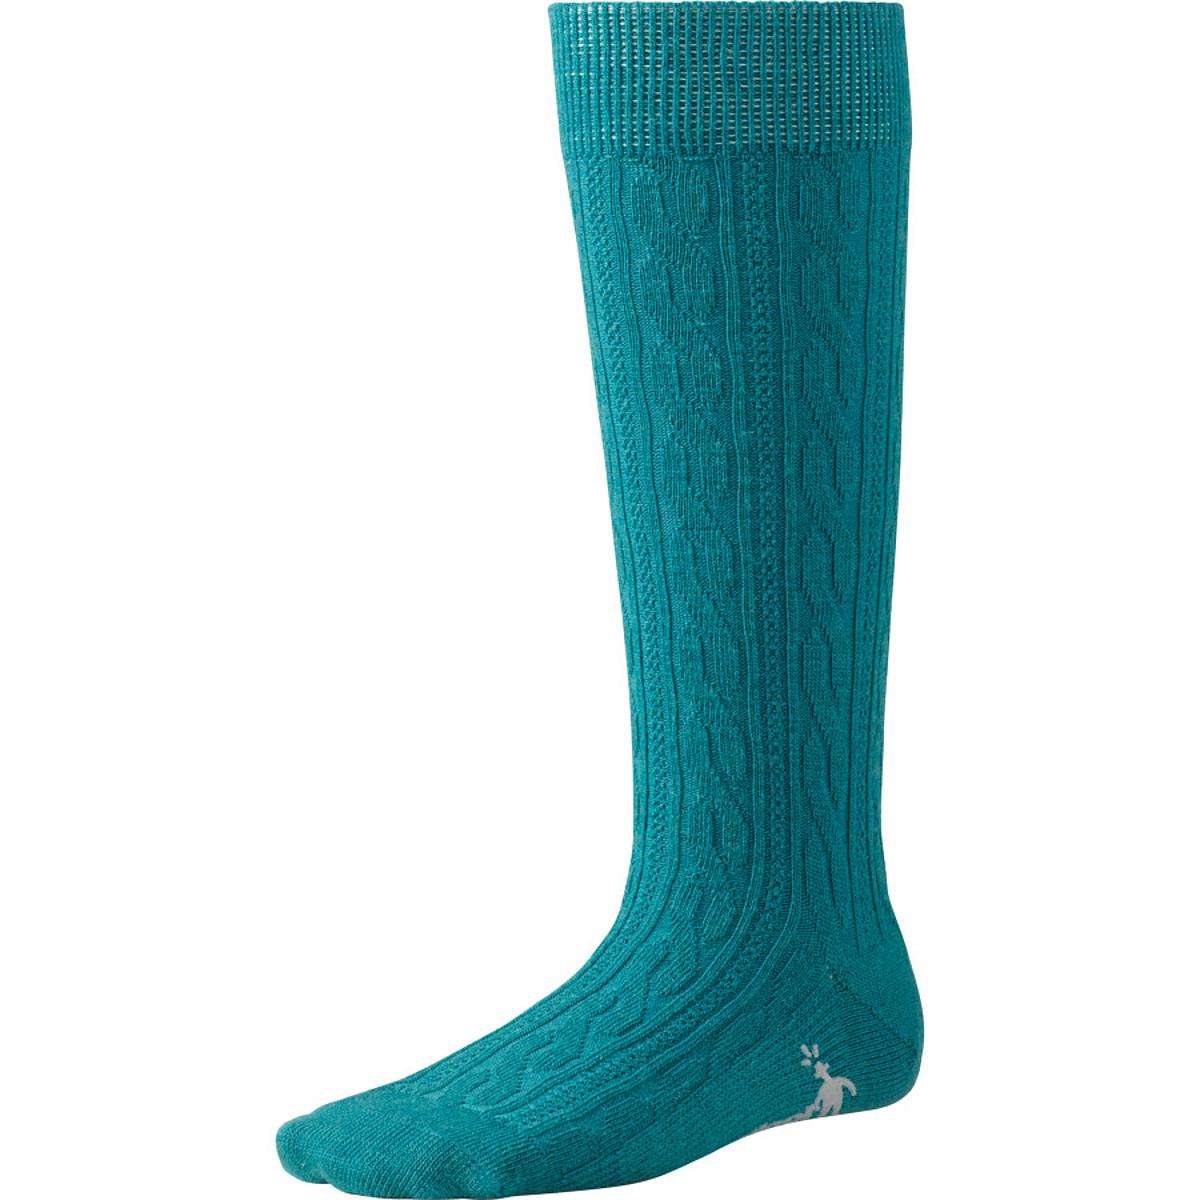 Smartwool Cable Kneehigh Socks